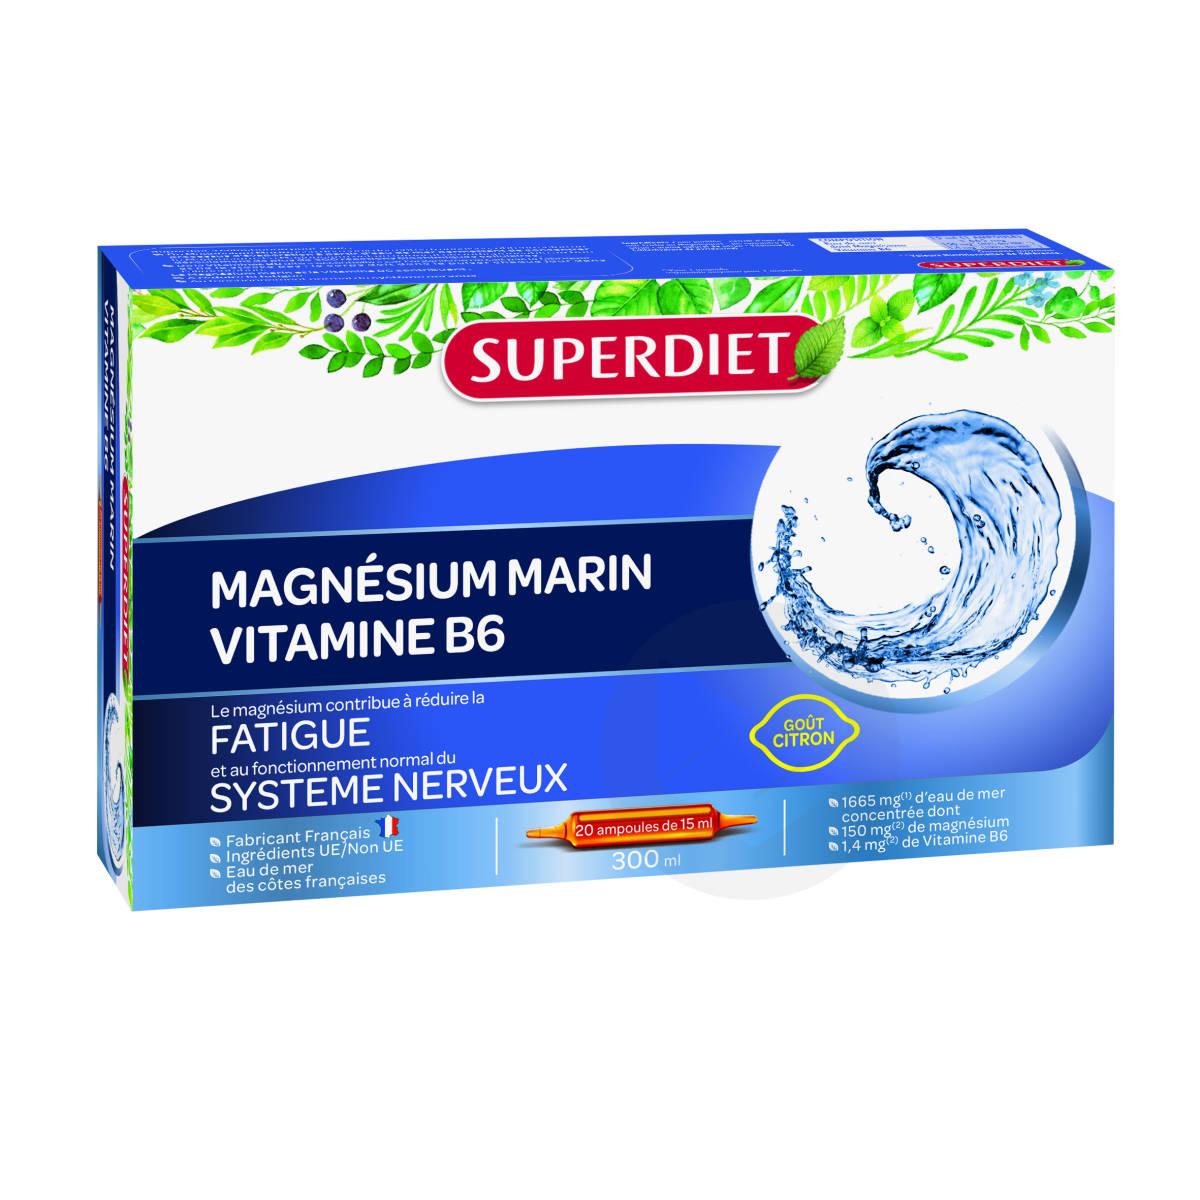 Magnesium Marin + Vitamine B6 20 Ampoules De 15ml